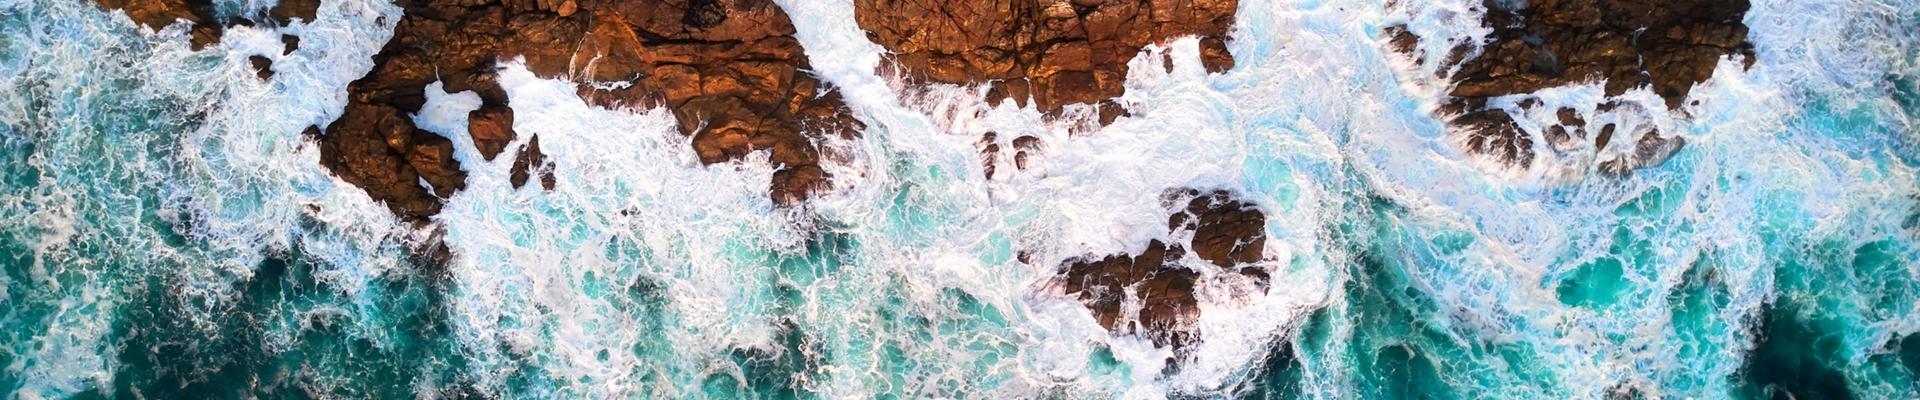 Descubre <strong>Galicia</strong>